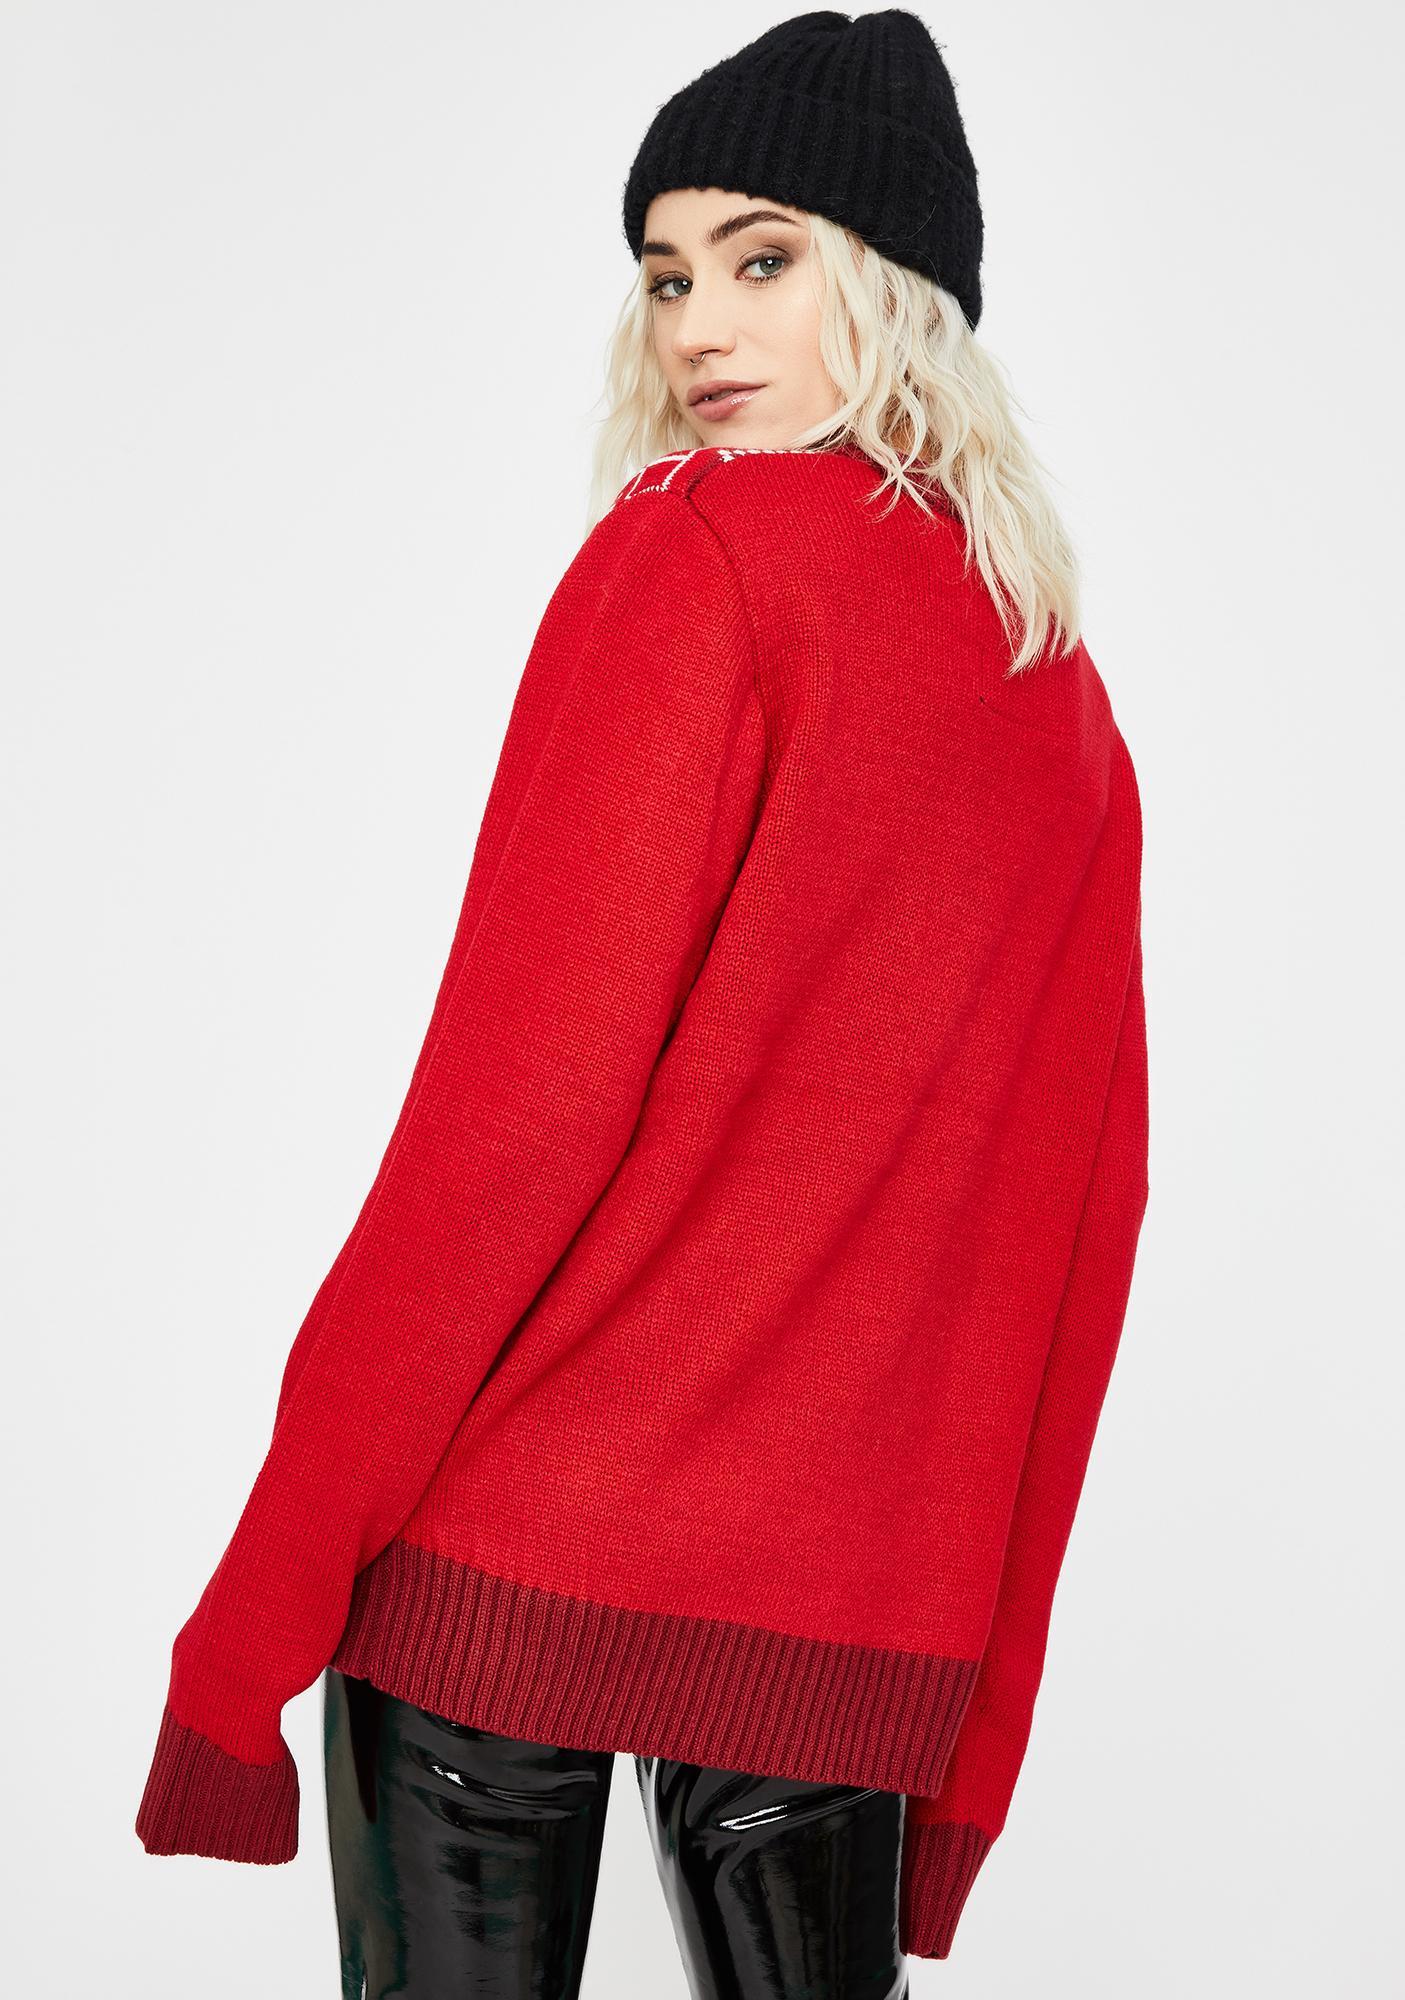 American Stitch Chill Christmas Knit Sweater